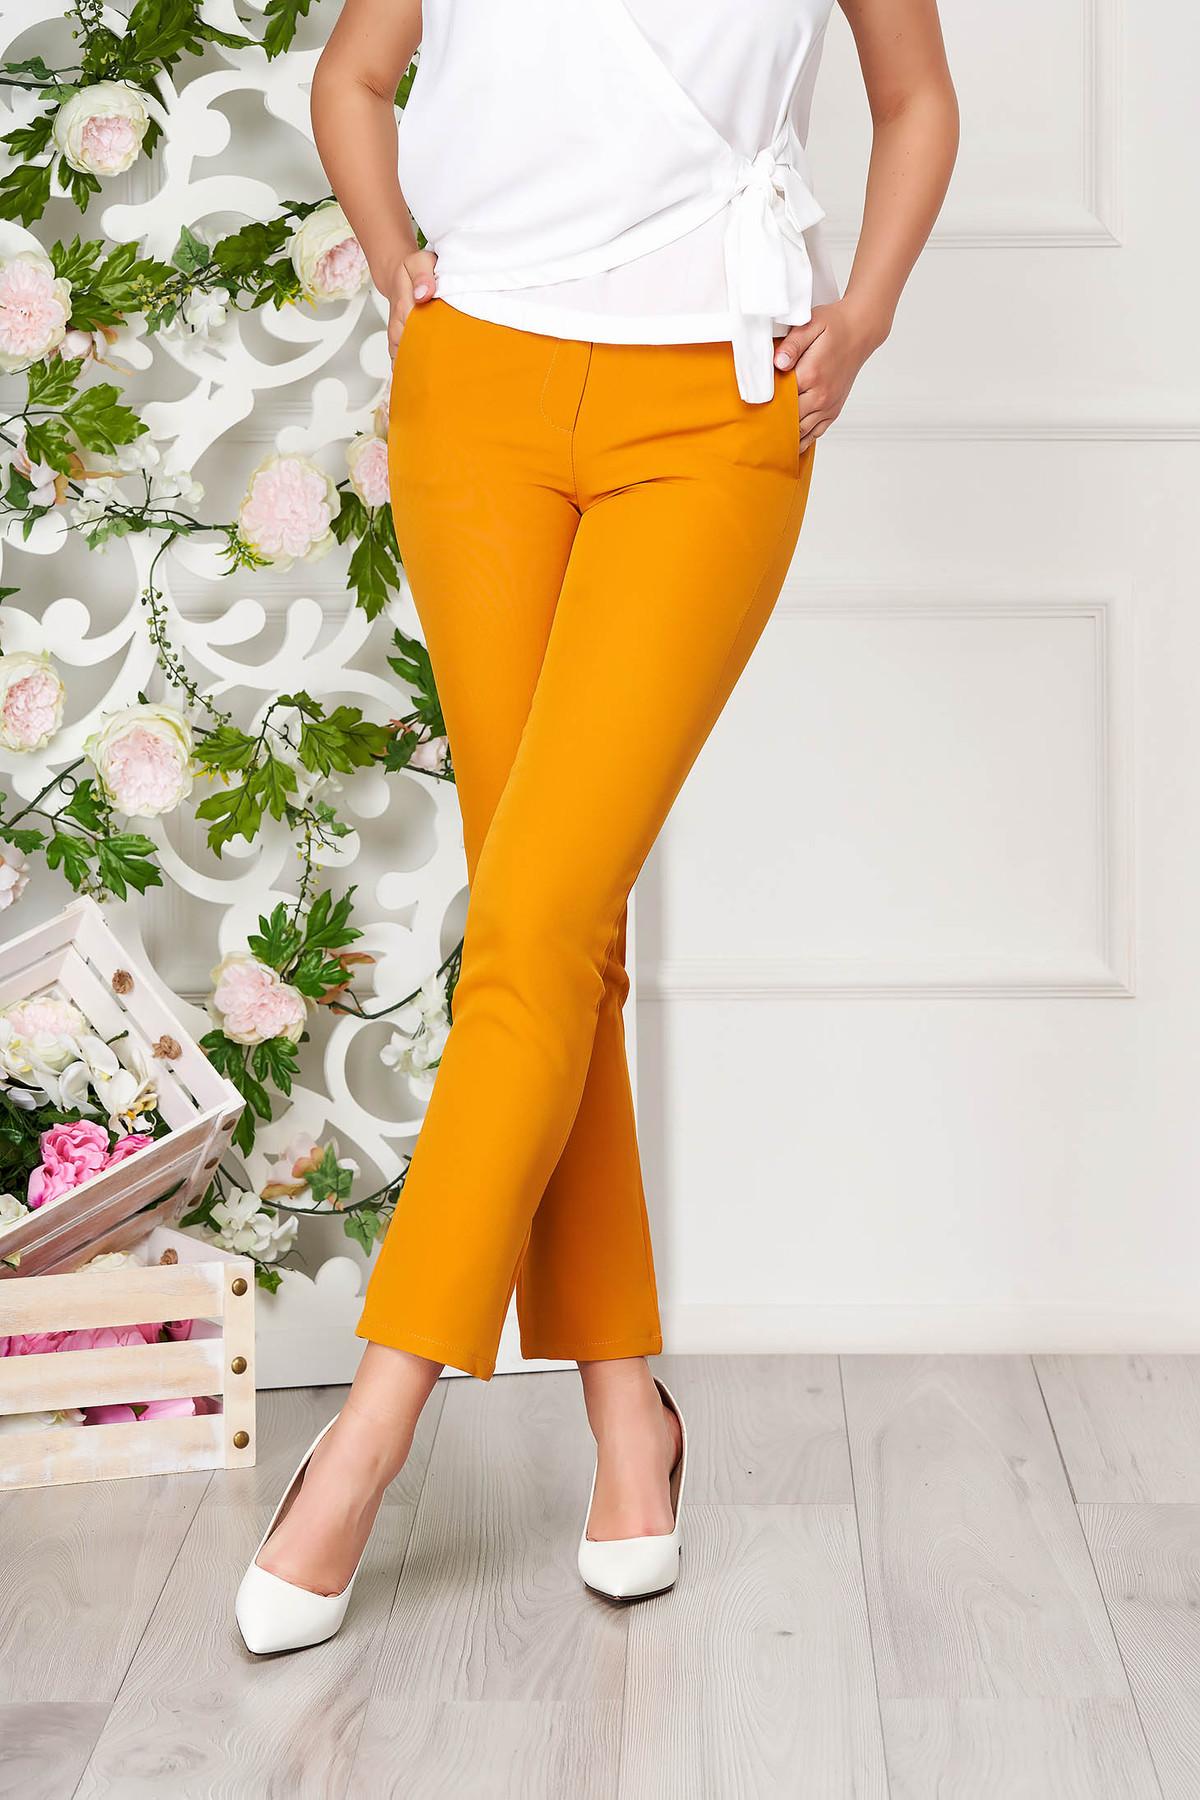 Pantaloni SunShine mustarii office din stofa cu un croi drept cu buzunare imagine